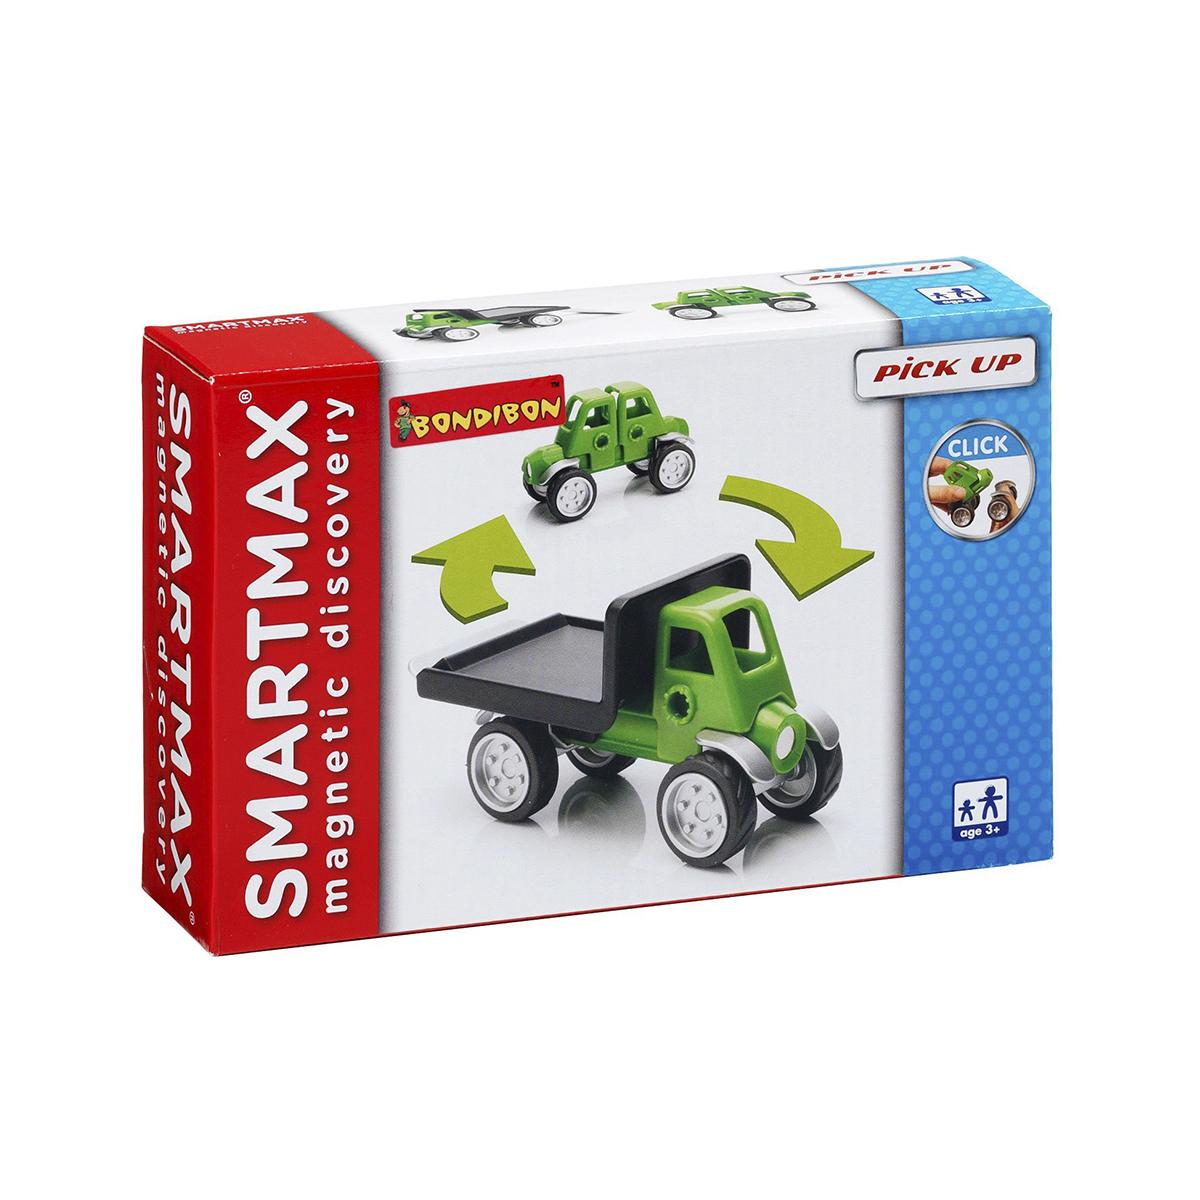 Bondibon Smartmax Конструктор магнитный Пикап